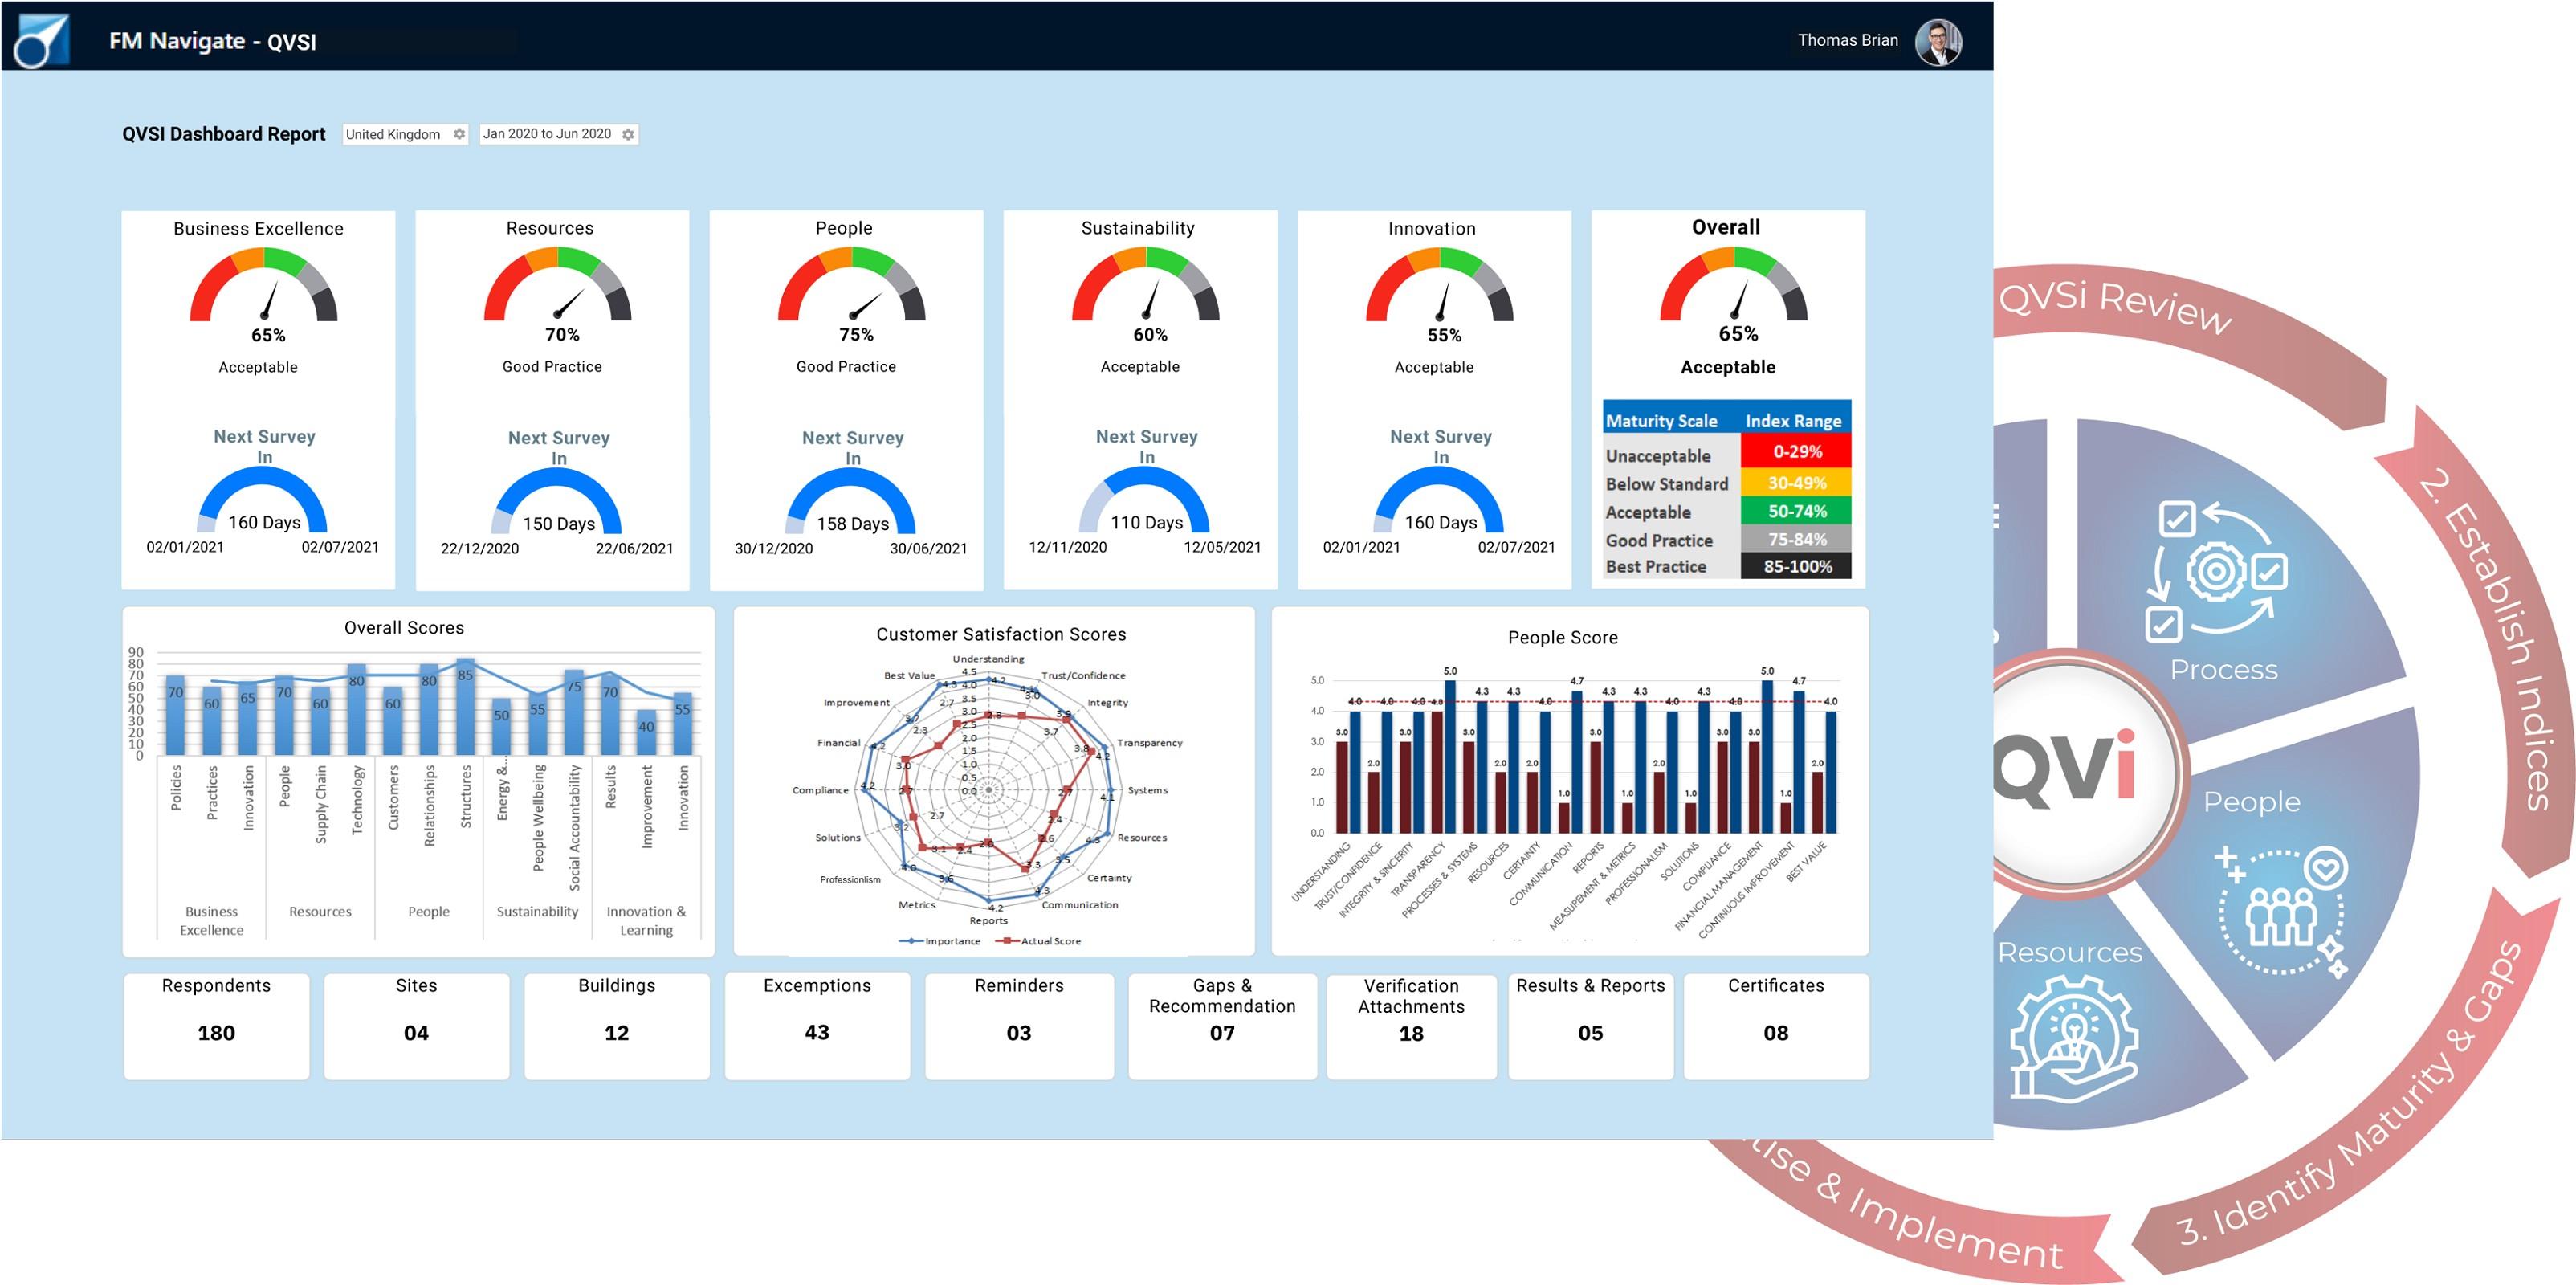 Please UFM Navigate-QVi Continuous Improvement-Facilities Management Software-Dashboardse Initial Ca